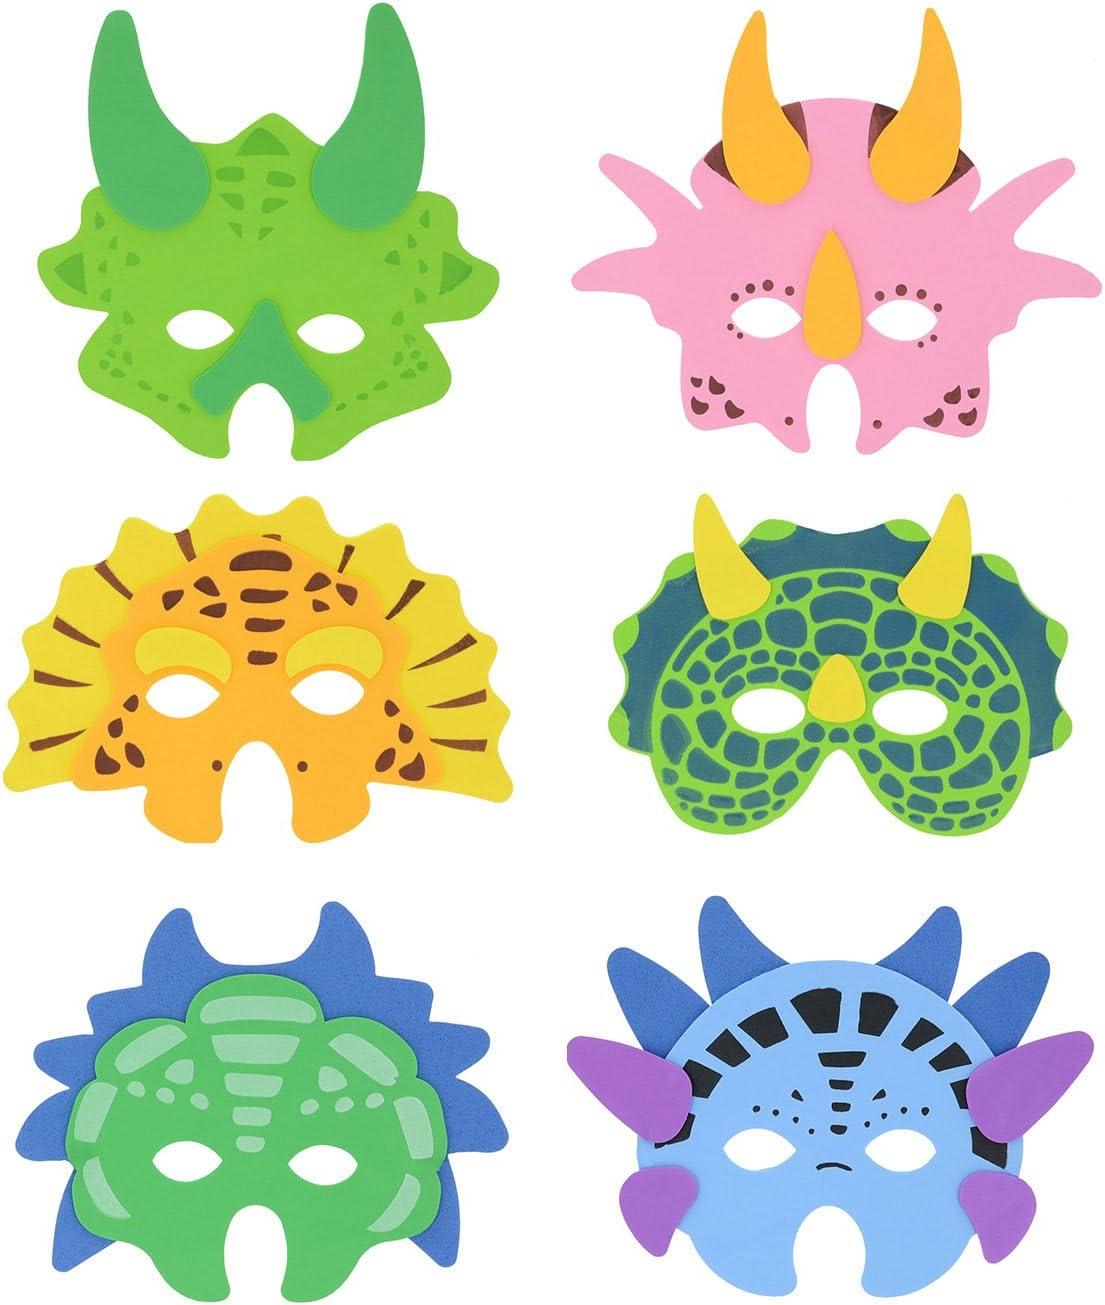 Henbrandt 12x Máscaras de espuma de dinosaurio - Máscaras de fiesta para niños / Máscaras de disfraces / Favores de fiesta / Regalos